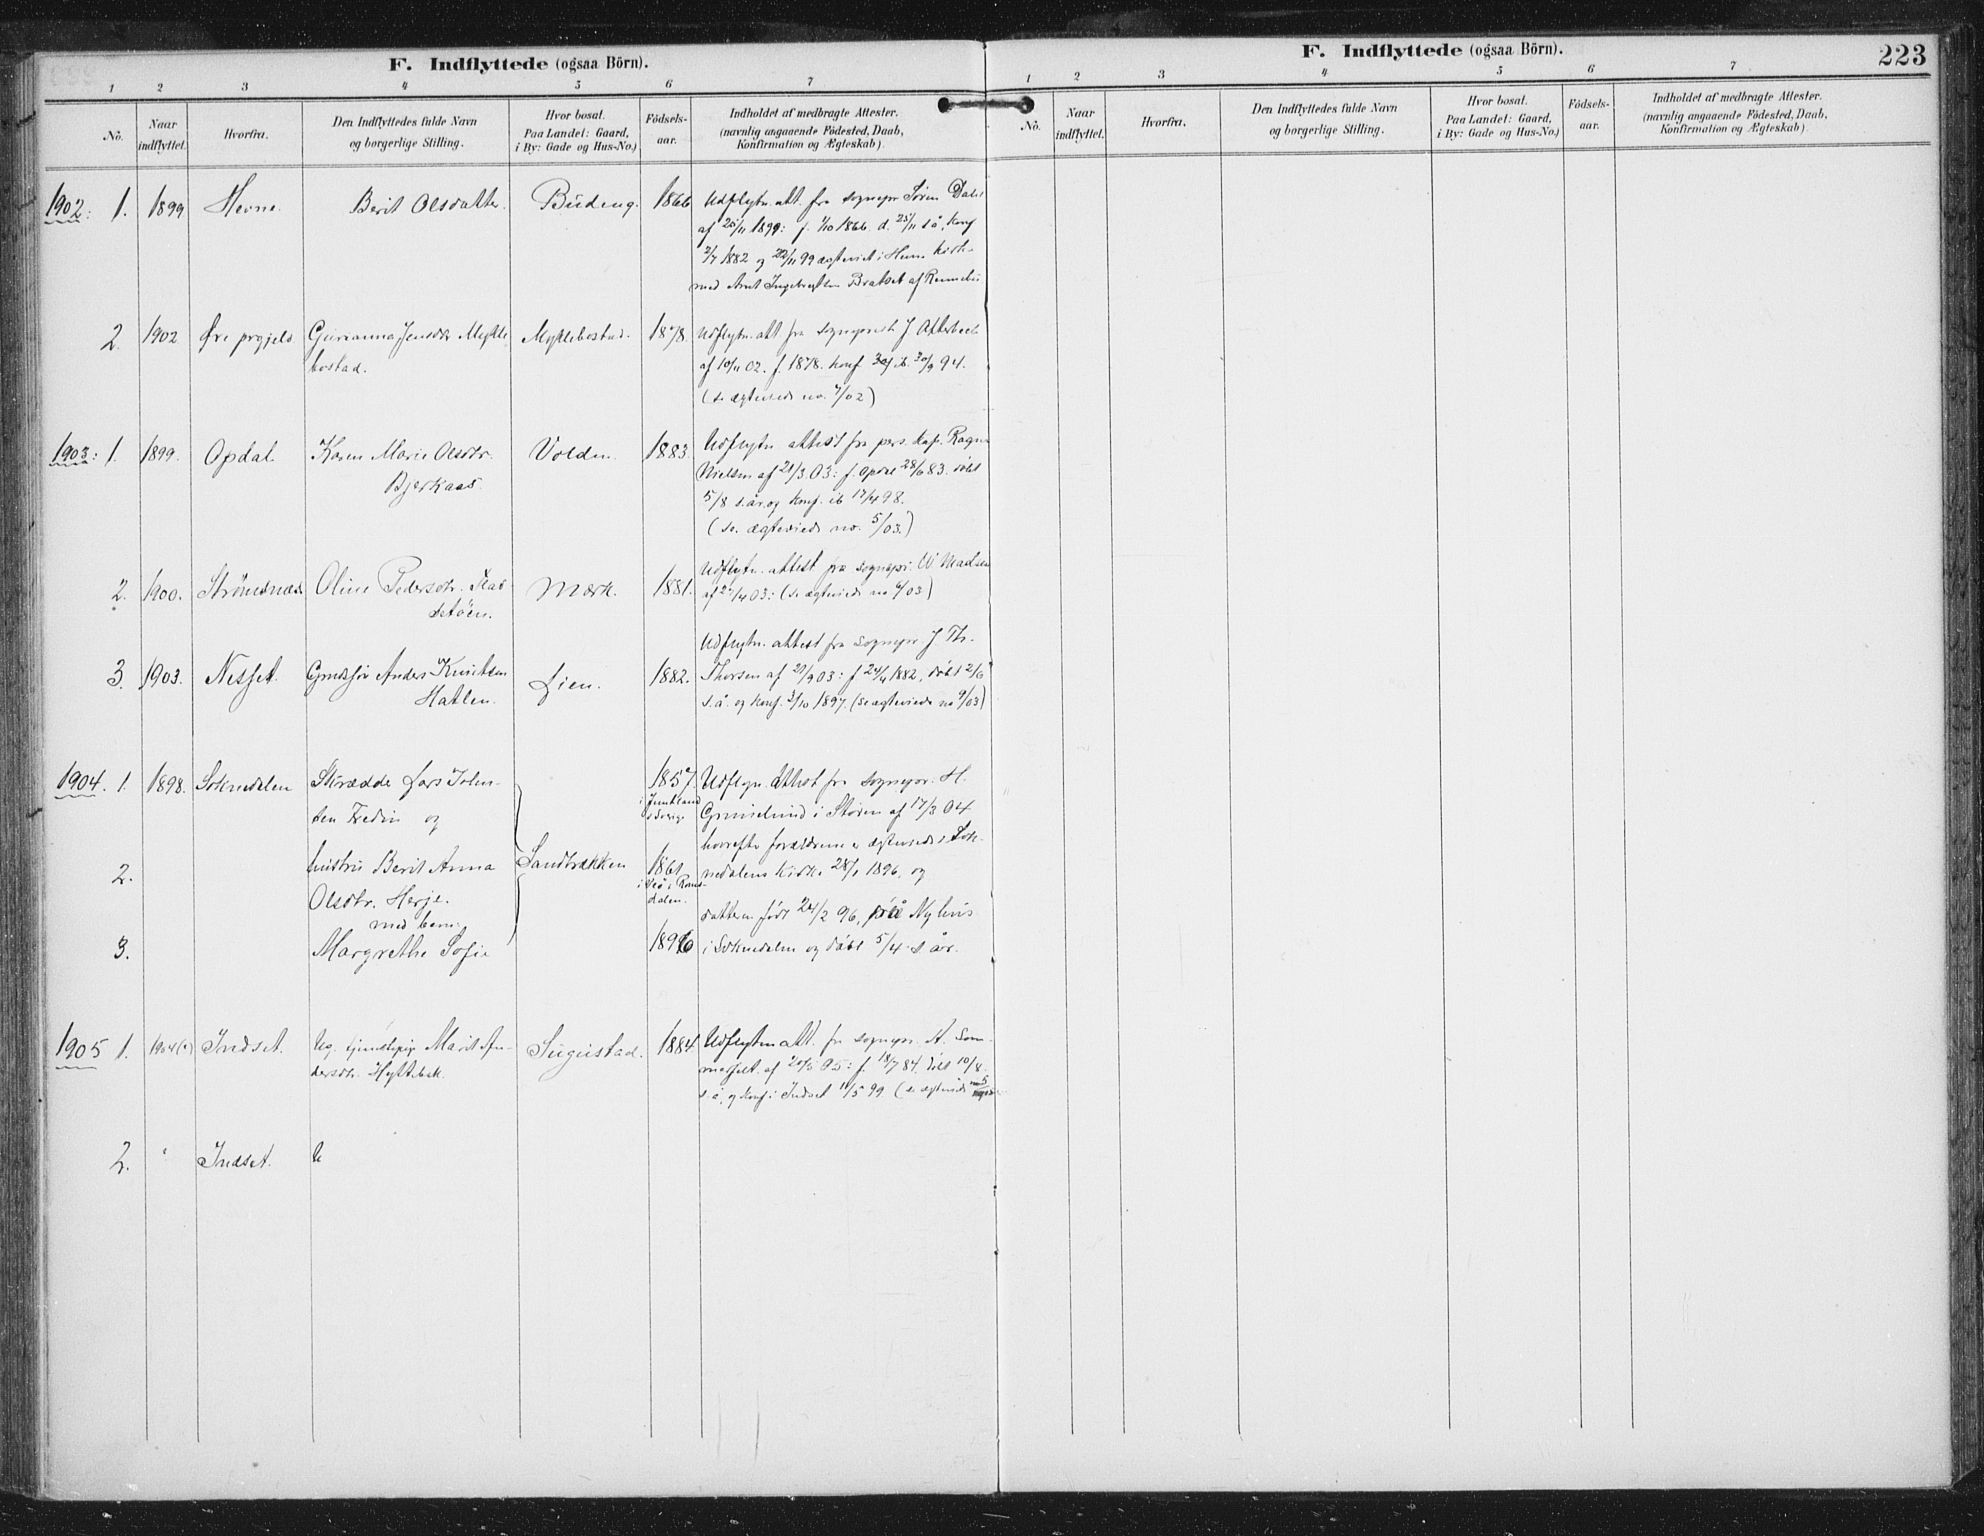 SAT, Ministerialprotokoller, klokkerbøker og fødselsregistre - Sør-Trøndelag, 674/L0872: Ministerialbok nr. 674A04, 1897-1907, s. 223